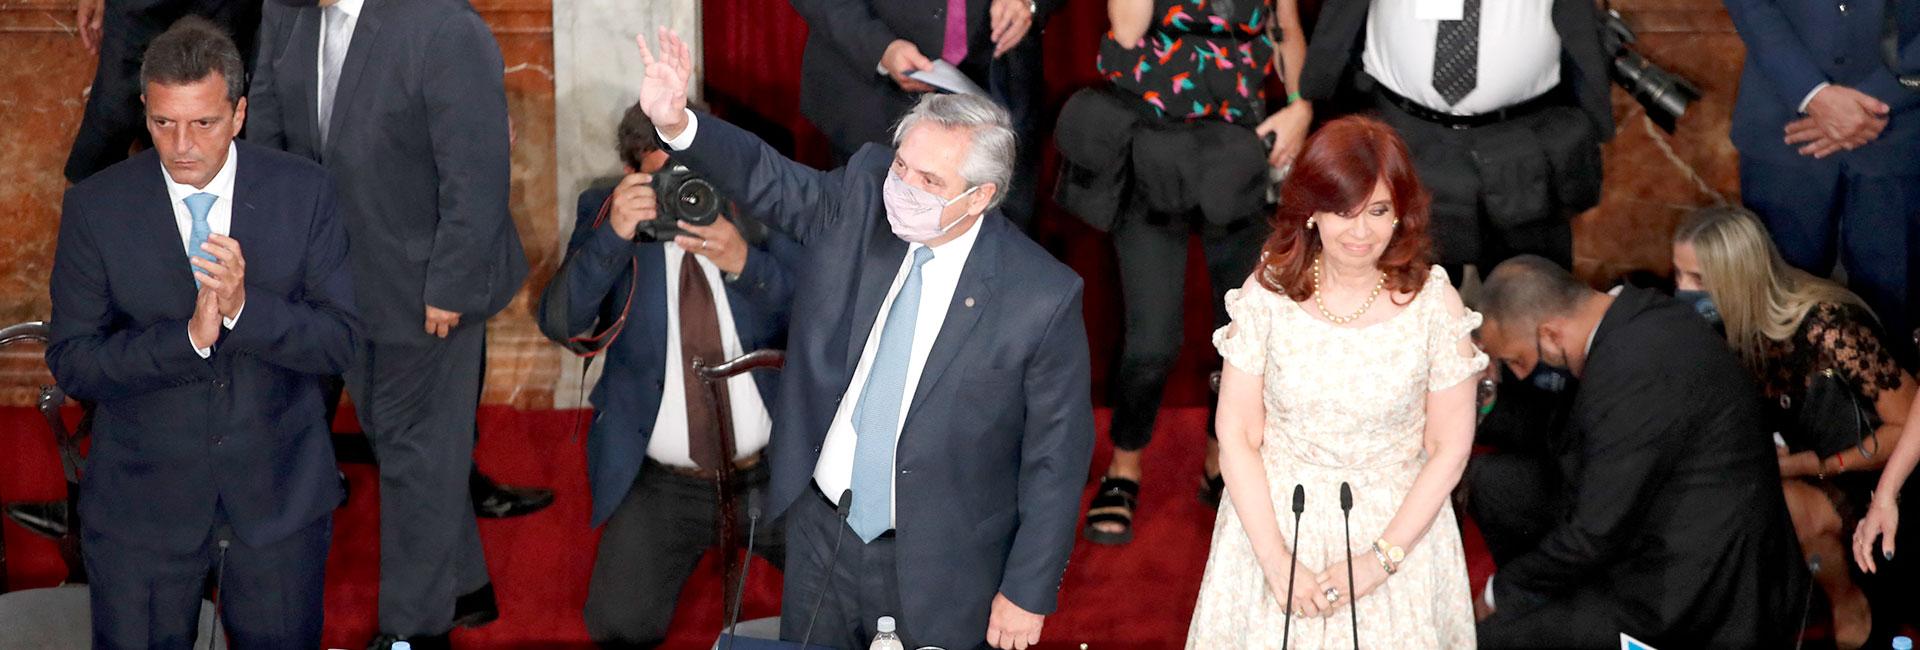 El discurso del presidente ante la Asamblea Legislativa terminó de desanimar a los inversores